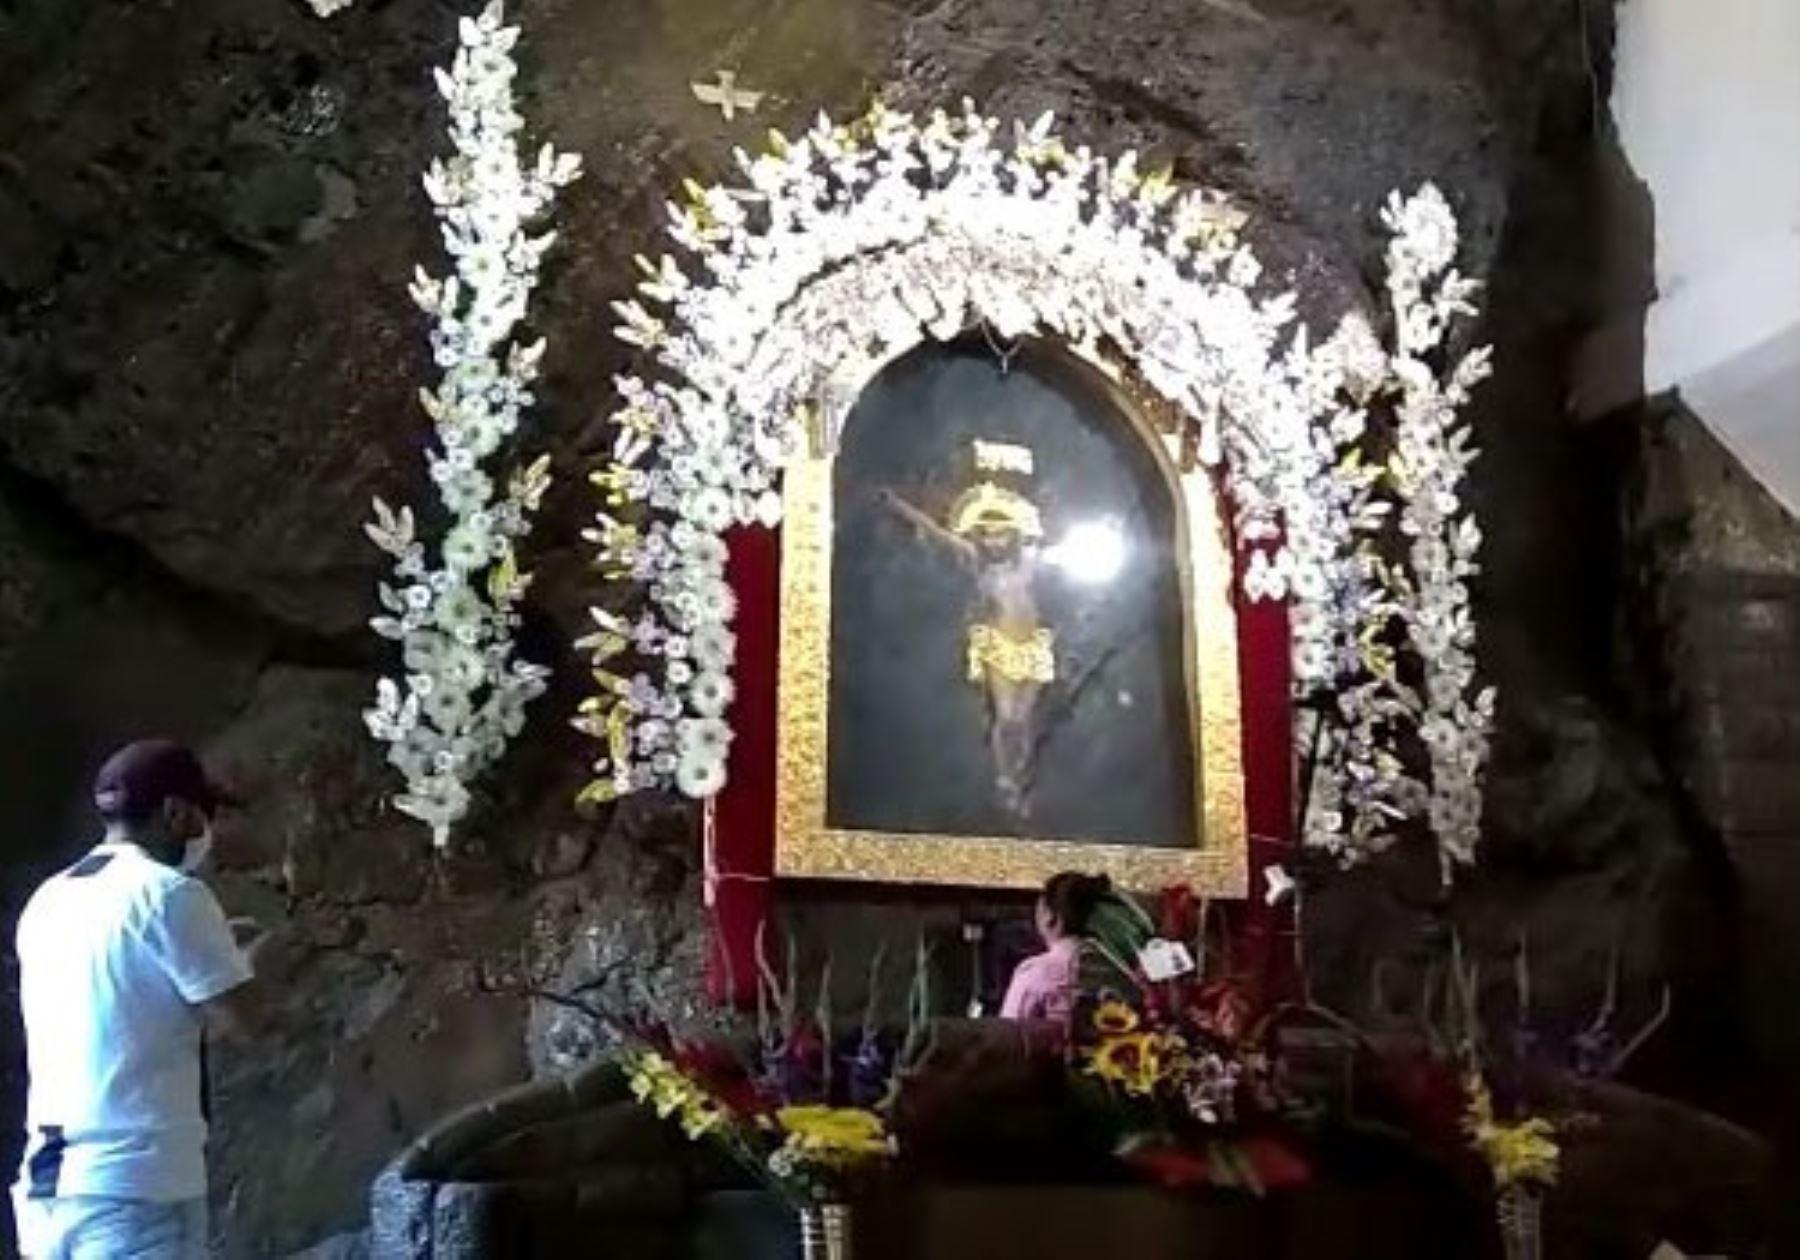 El emblemático Santuario del Señor de Muruhuay de Tarma, en Junín, reabre sus puertas al público e implementa protocolo de bioseguridad para regular visita de fieles. ANDINA/Difusión